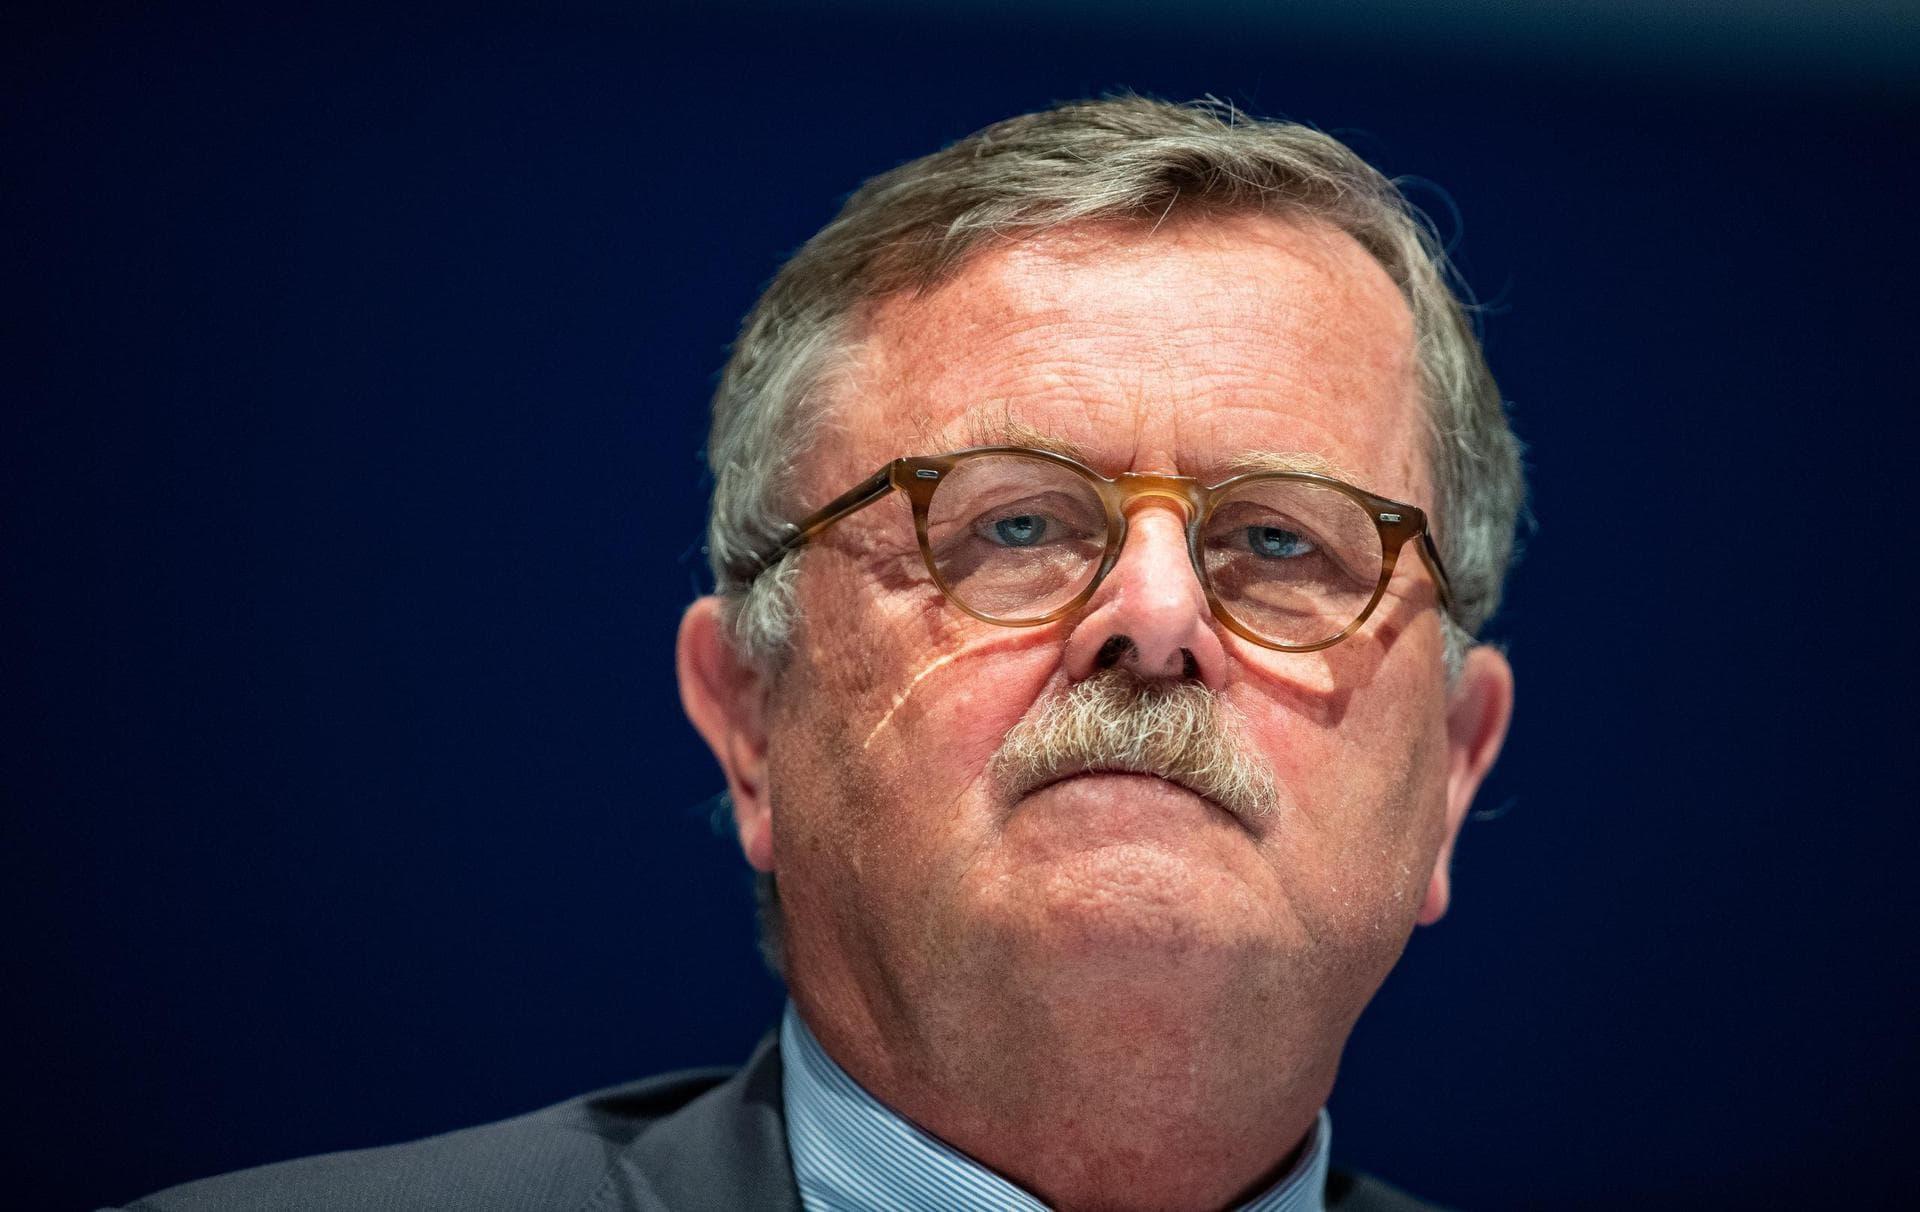 Vorsitzender des Weltärztebundes warnt vor Lockerungen Corona-Regeln und R-Wert